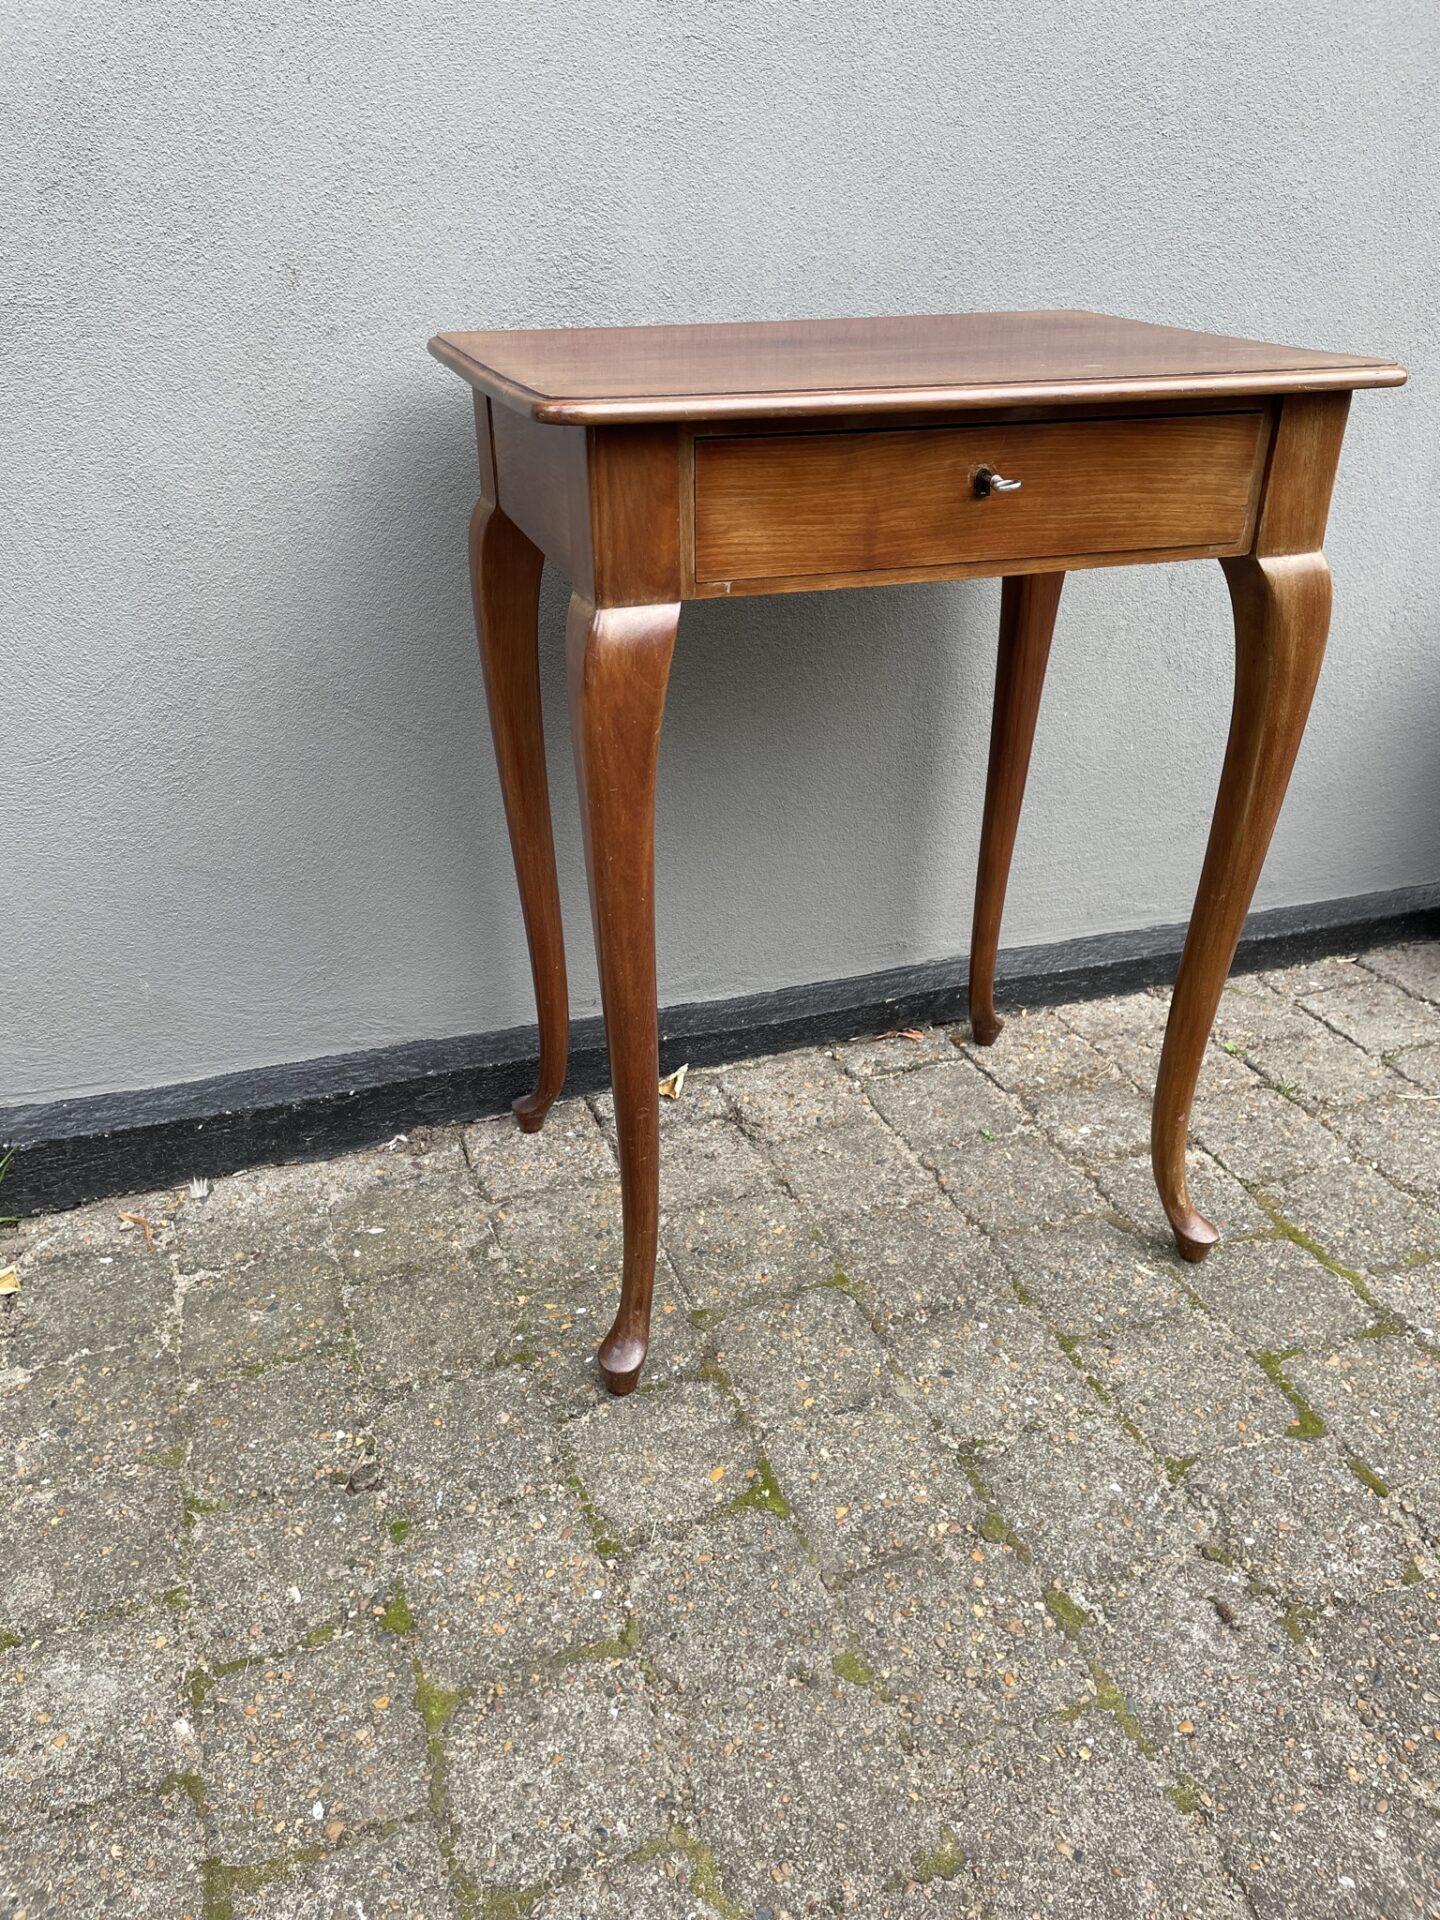 Velholdt mahogni sybord, h=75 cm, b=58 cm, d=42 cm. Pris 500kr